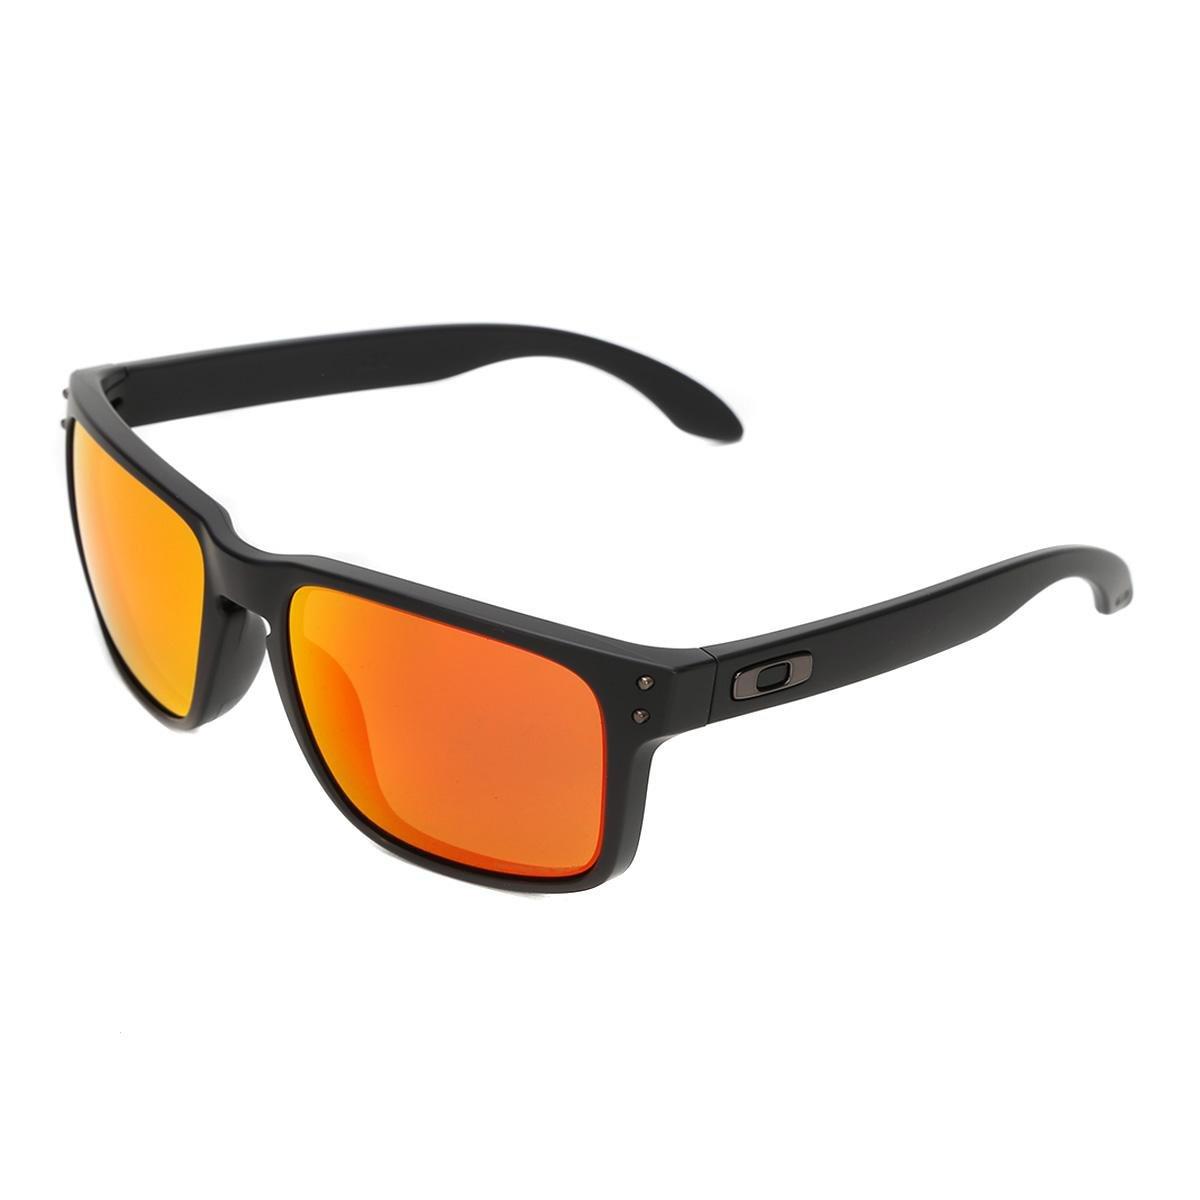 e0bce32bbe5e8 Óculos Oakley Holbrook - Preto e Laranja - Compre Agora   Zattini